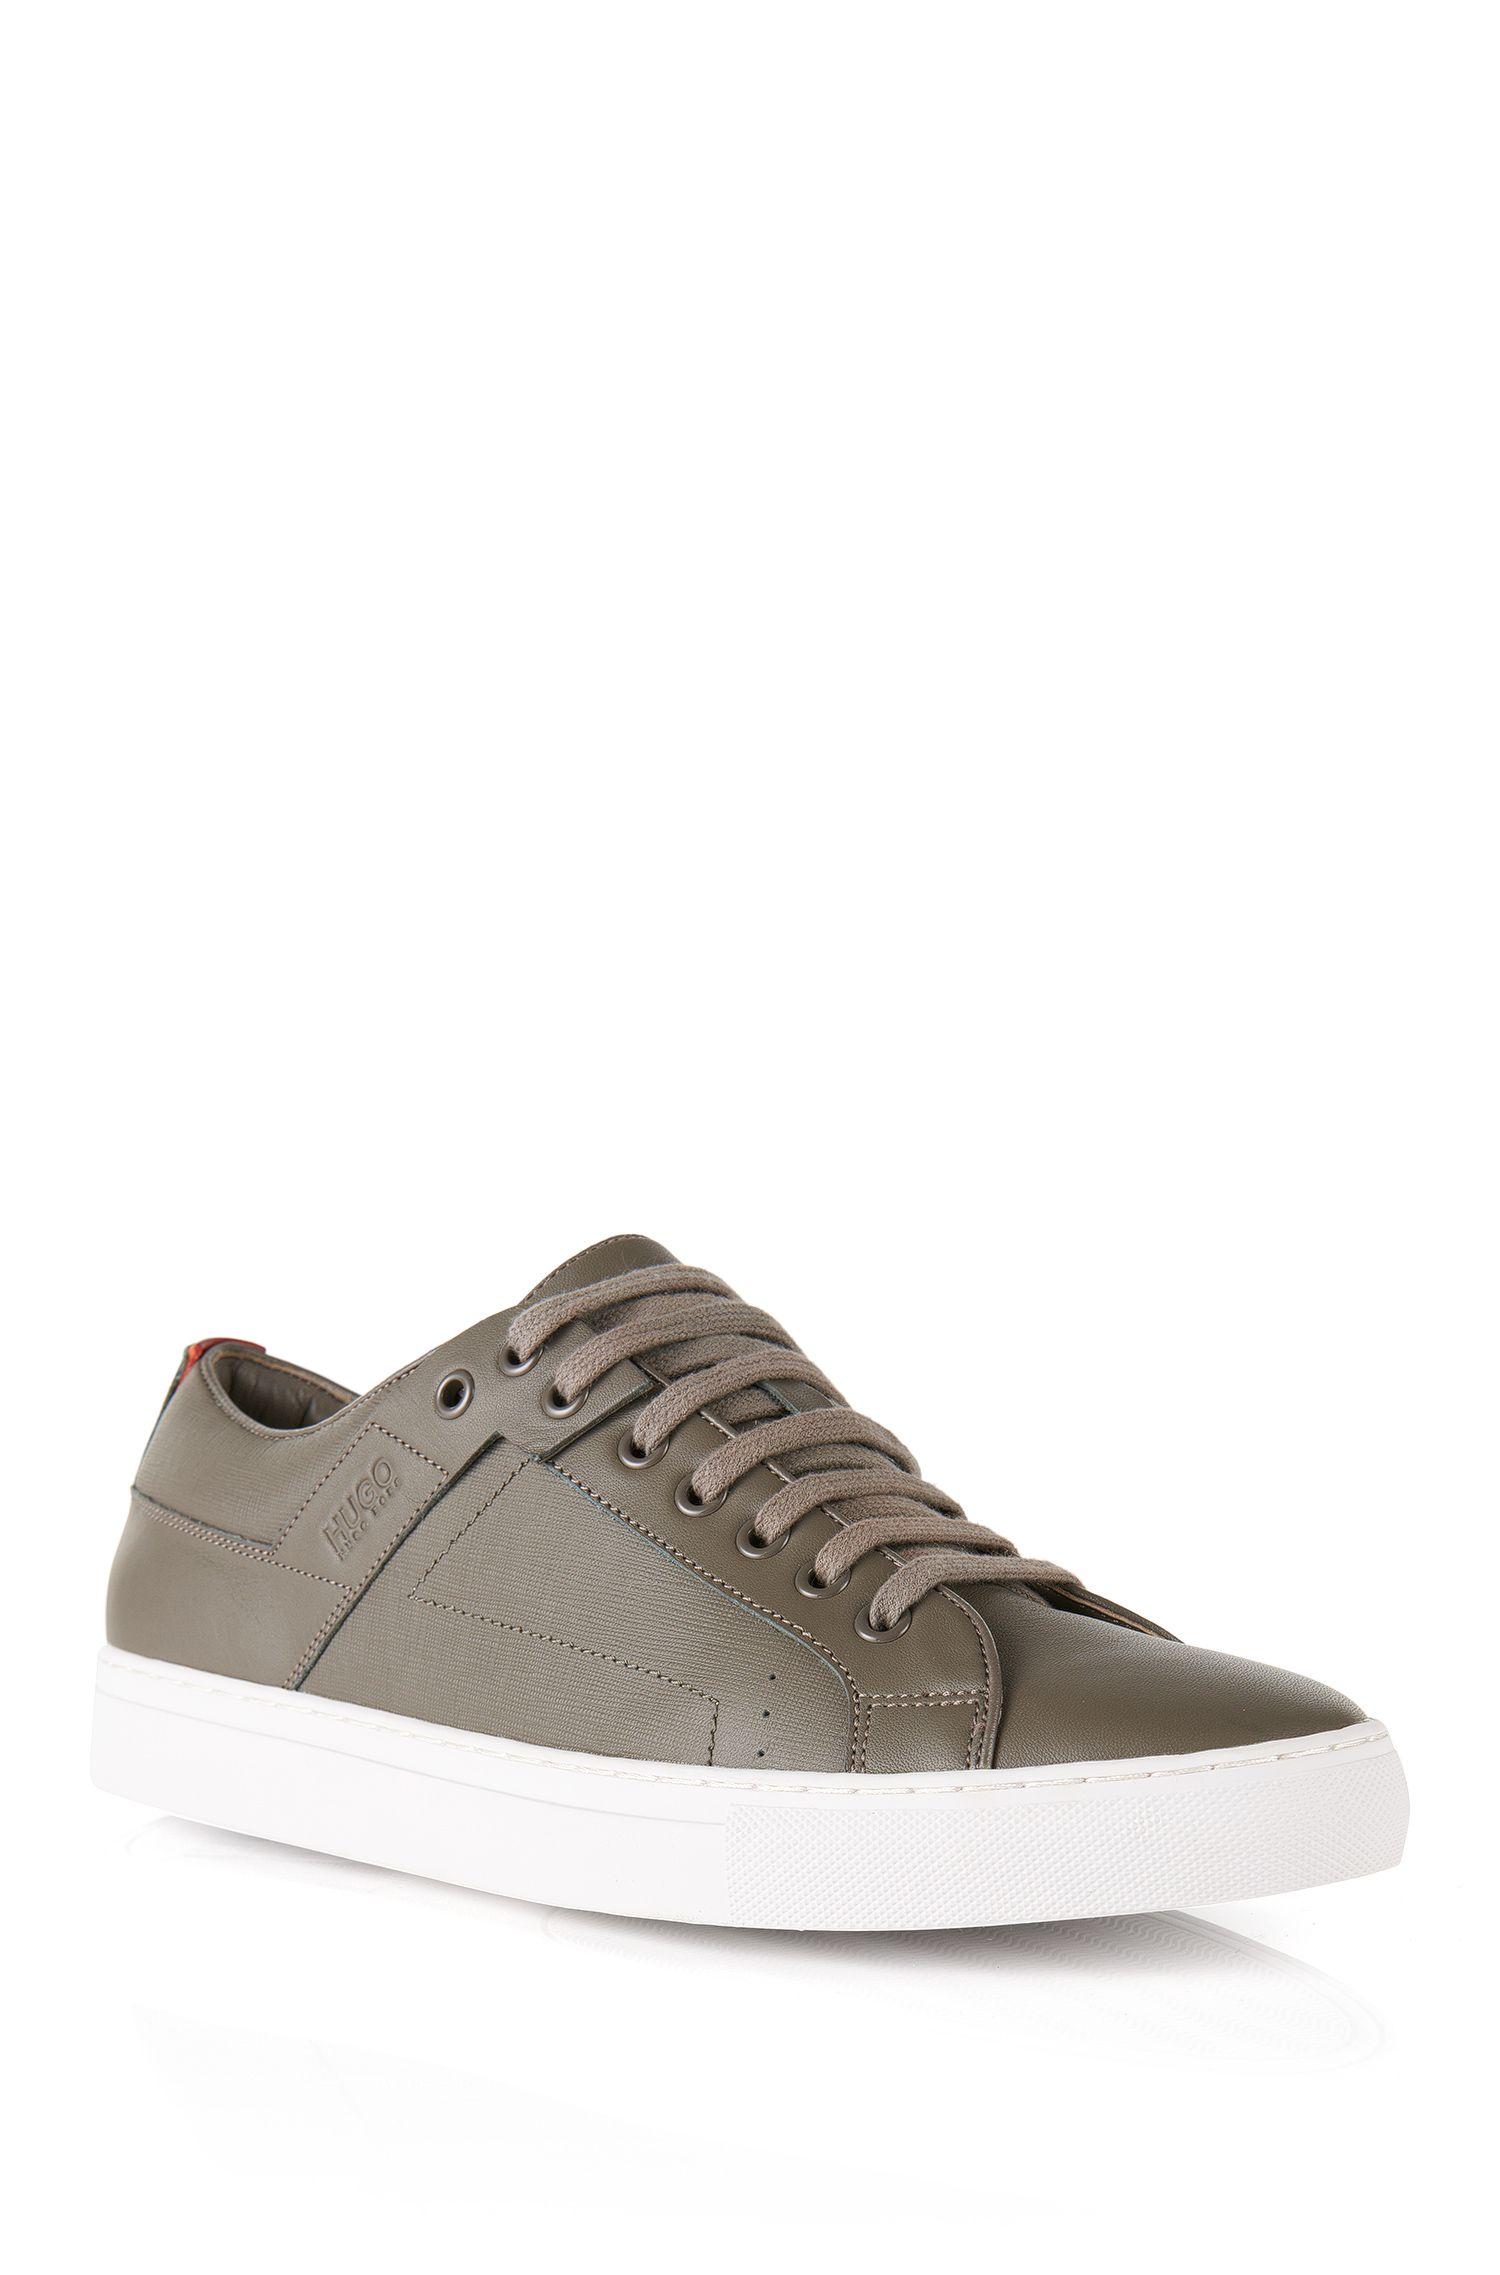 'Futesio-SF' | Calfskin Leather Sneakers